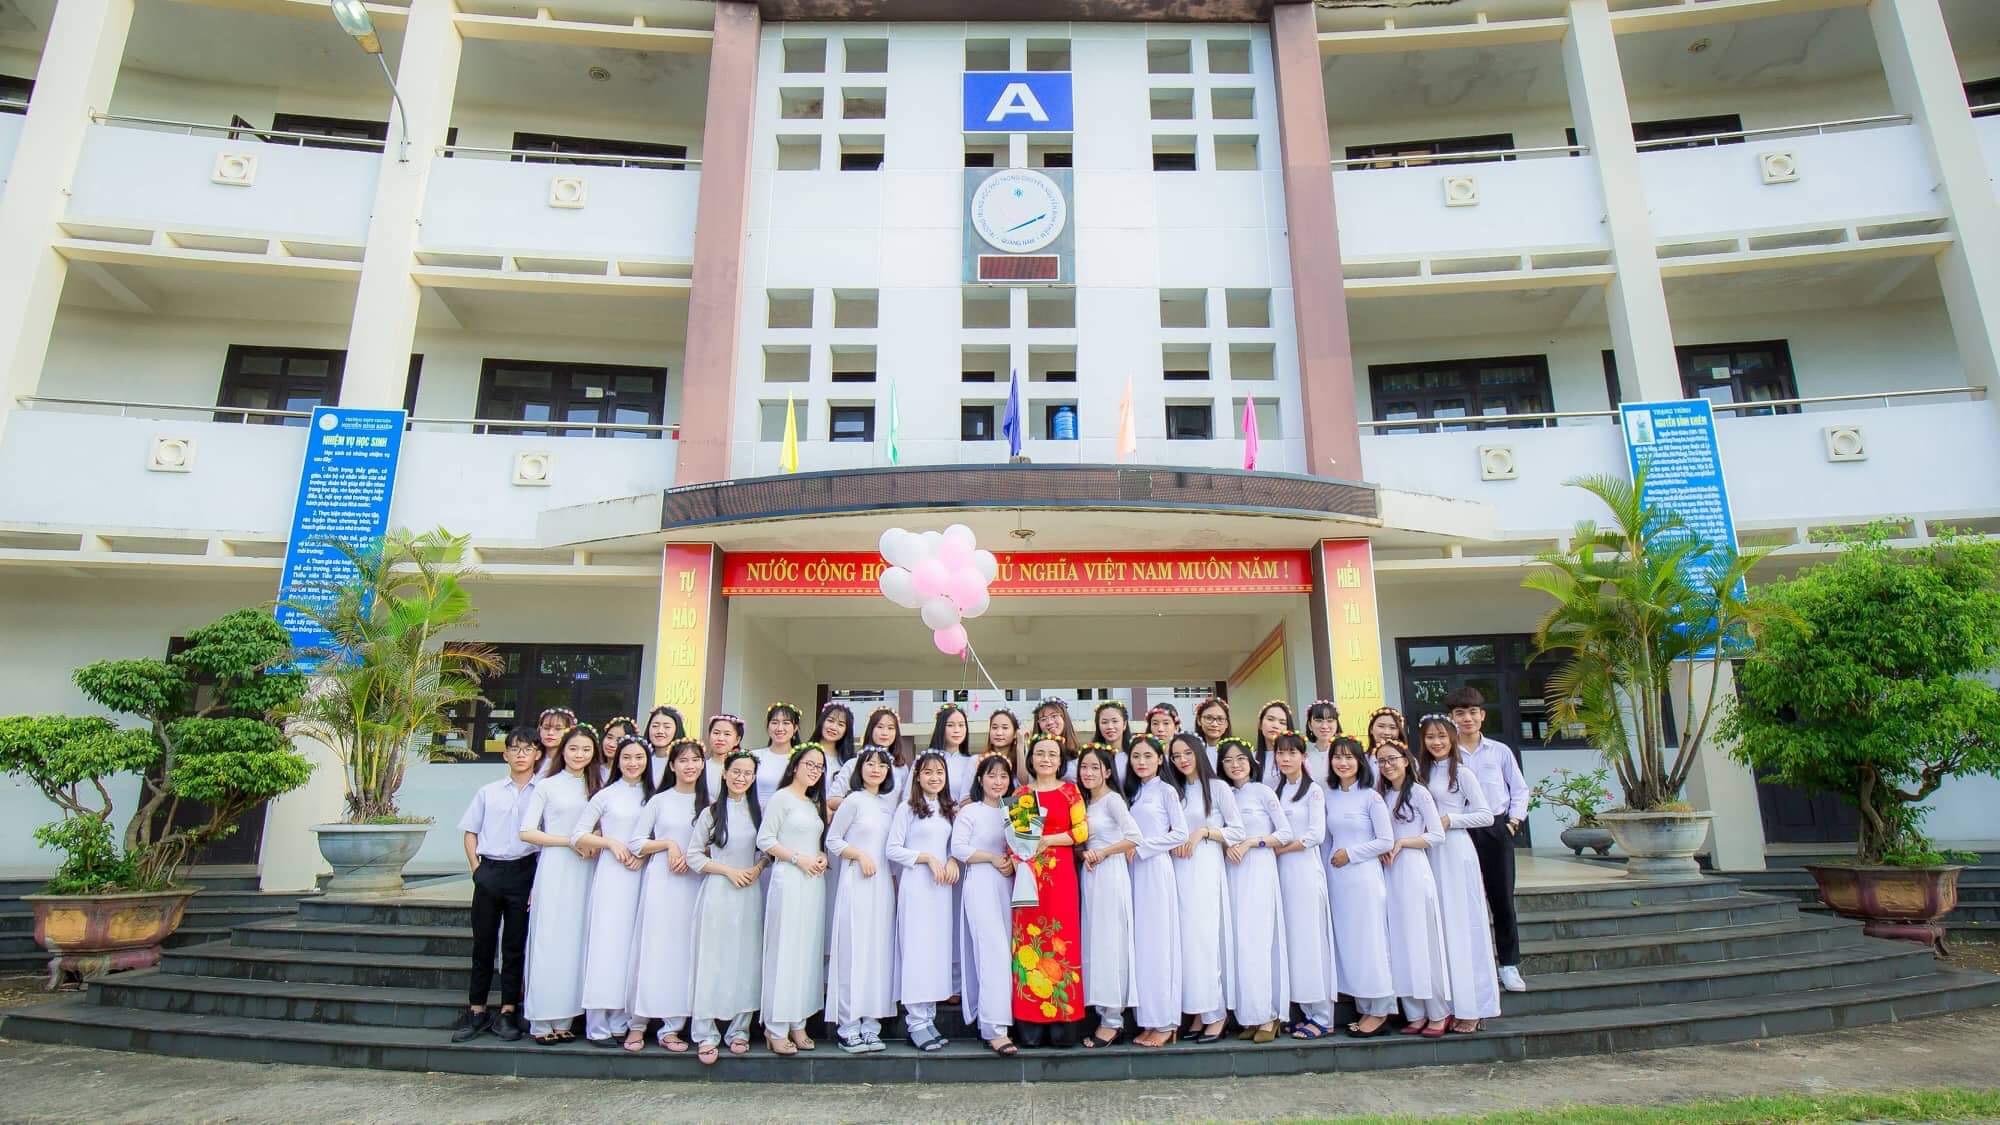 Hơn cả một học sinh giỏi: Vượt qua nỗi đau mất mẹ, nữ sinh Quảng Nam vươn lên đạt điểm văn cao nhất cả nước trong kỳ thi THPT Quốc gia 2019 - Ảnh 4.